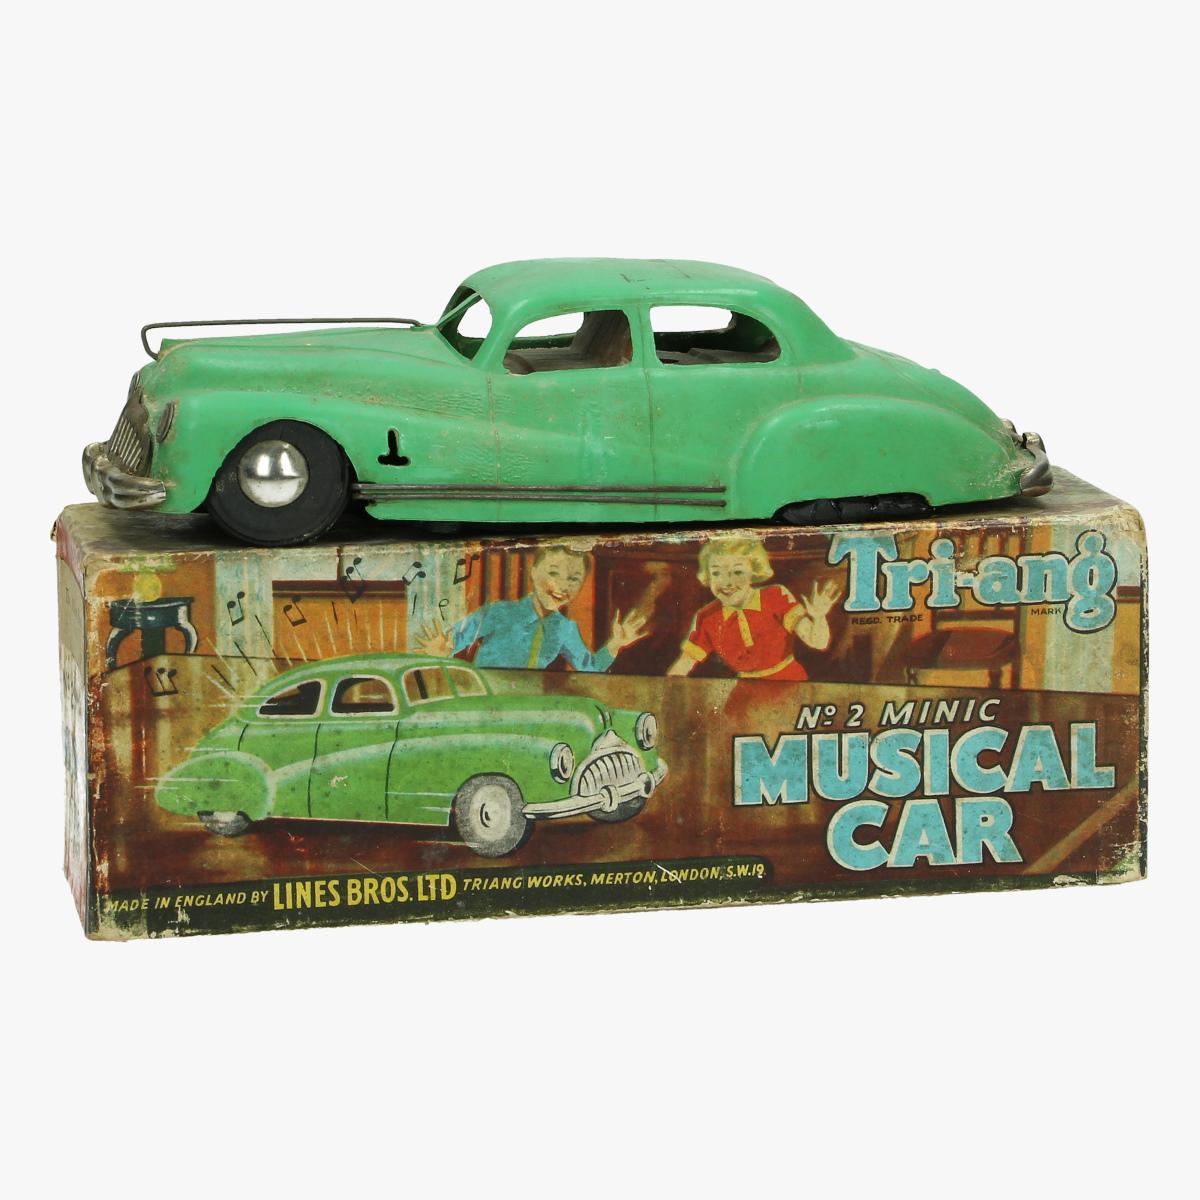 Afbeeldingen van musical car tri-ang made in engeland